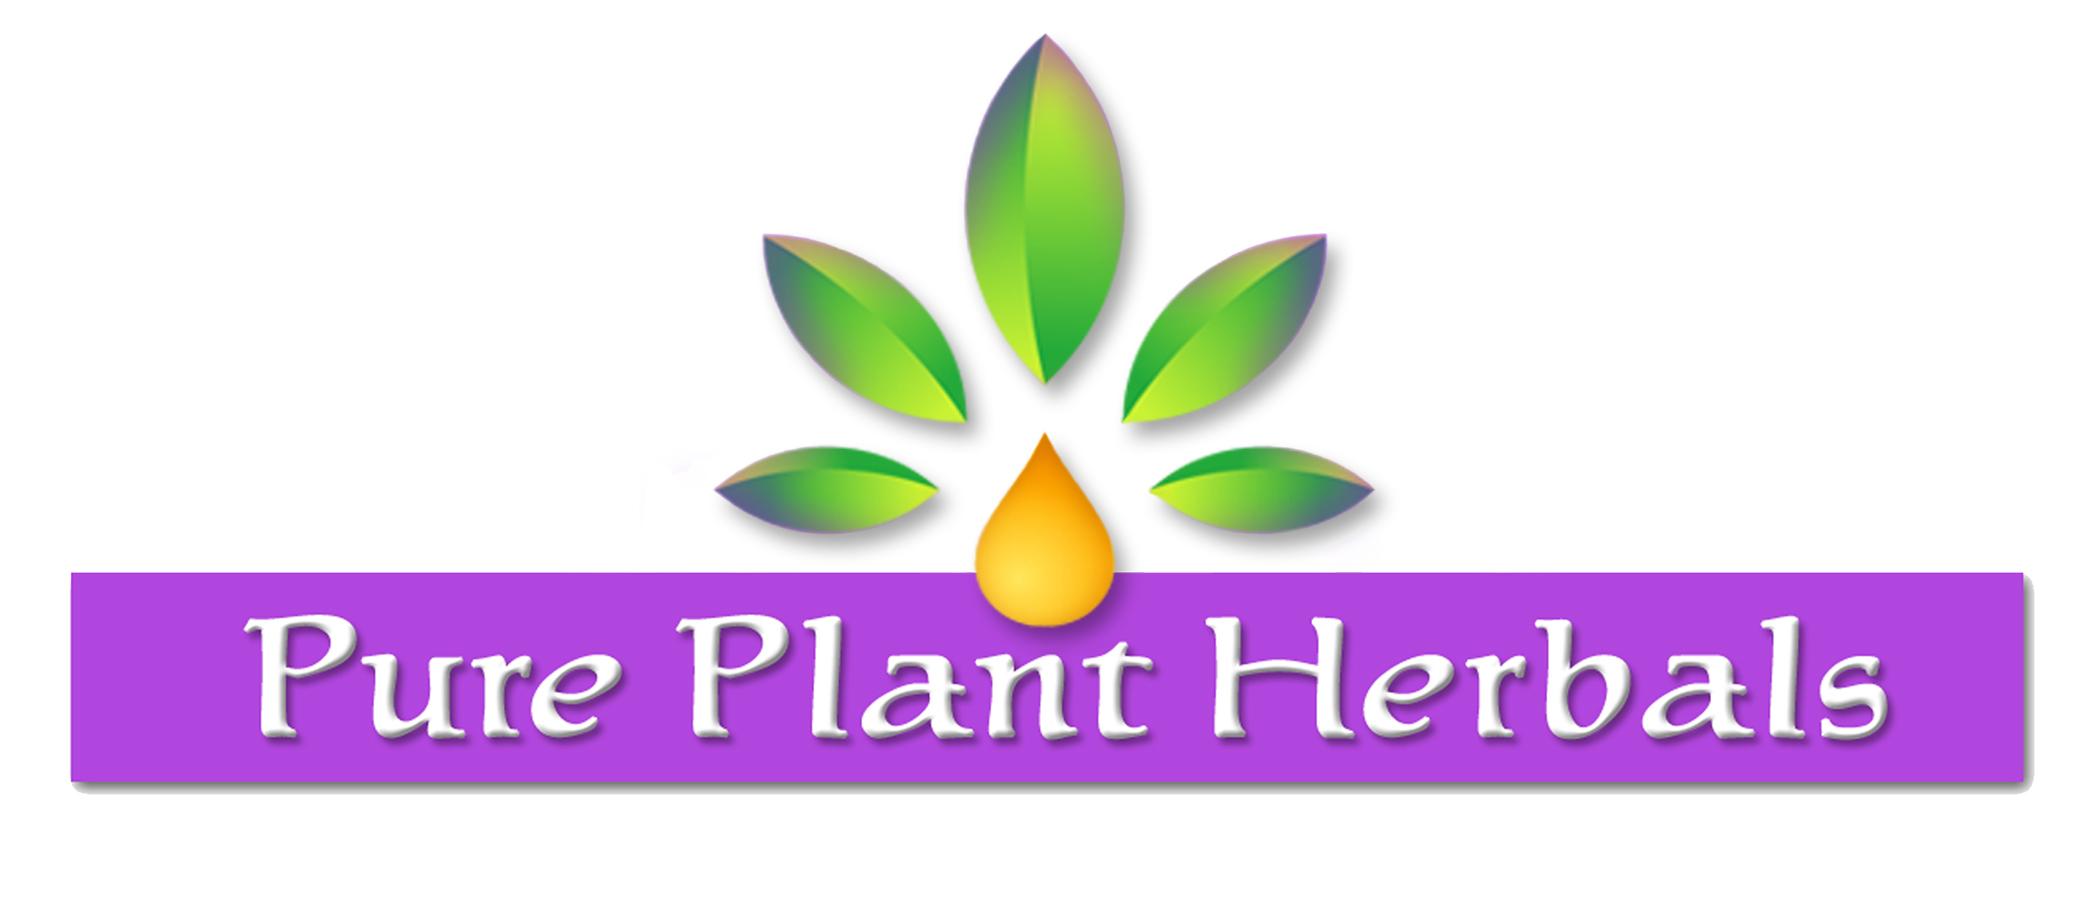 PPH-Logo-3x7-300dpi.jpg